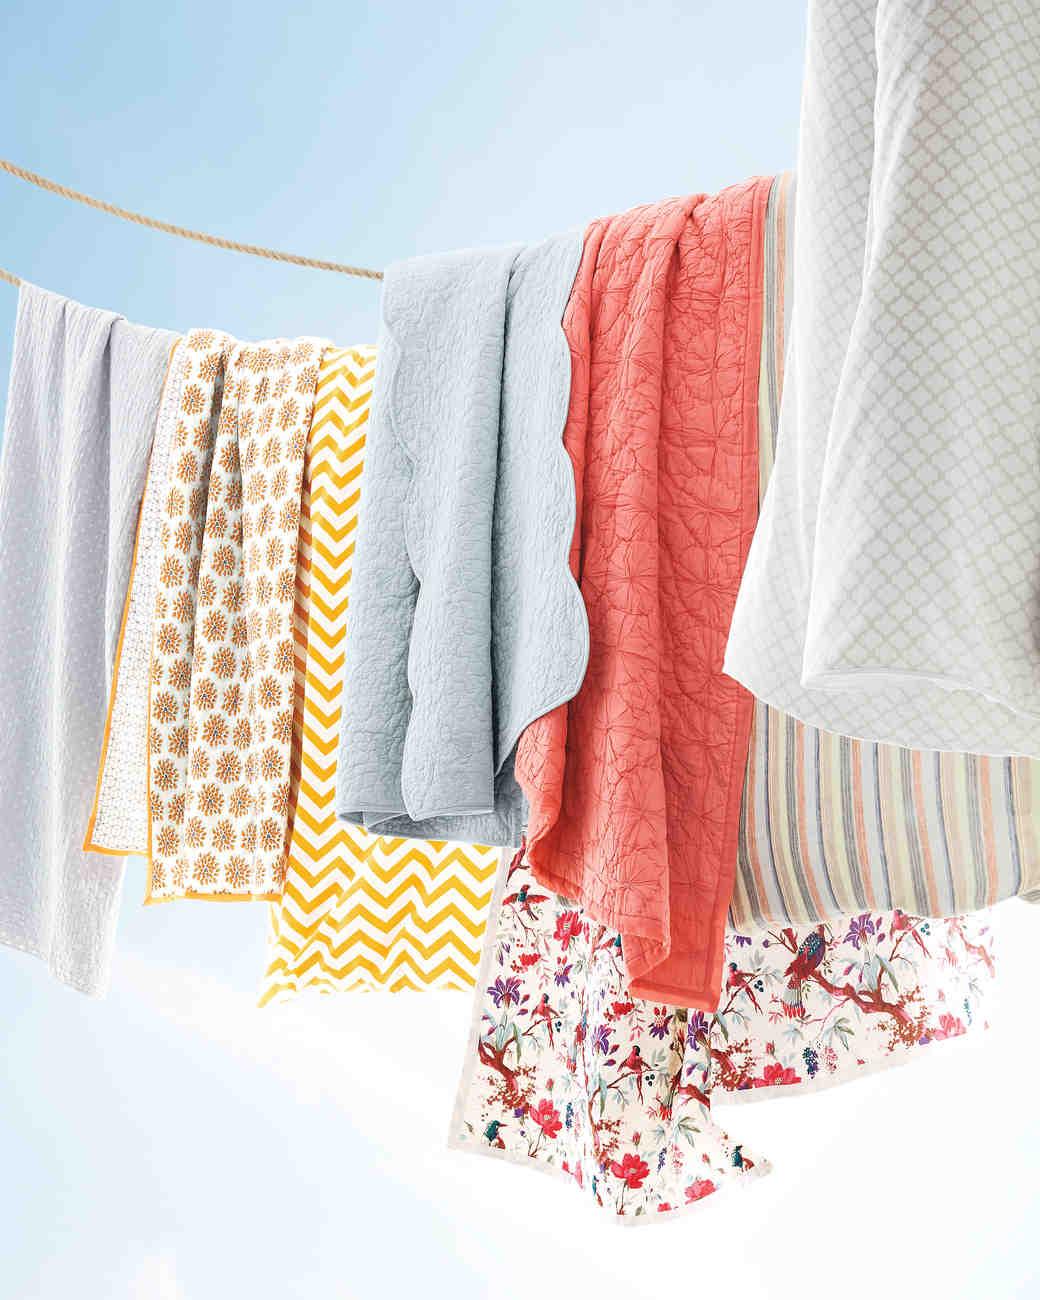 bedding-quilts-duvets-099-d111040-comp.jpg